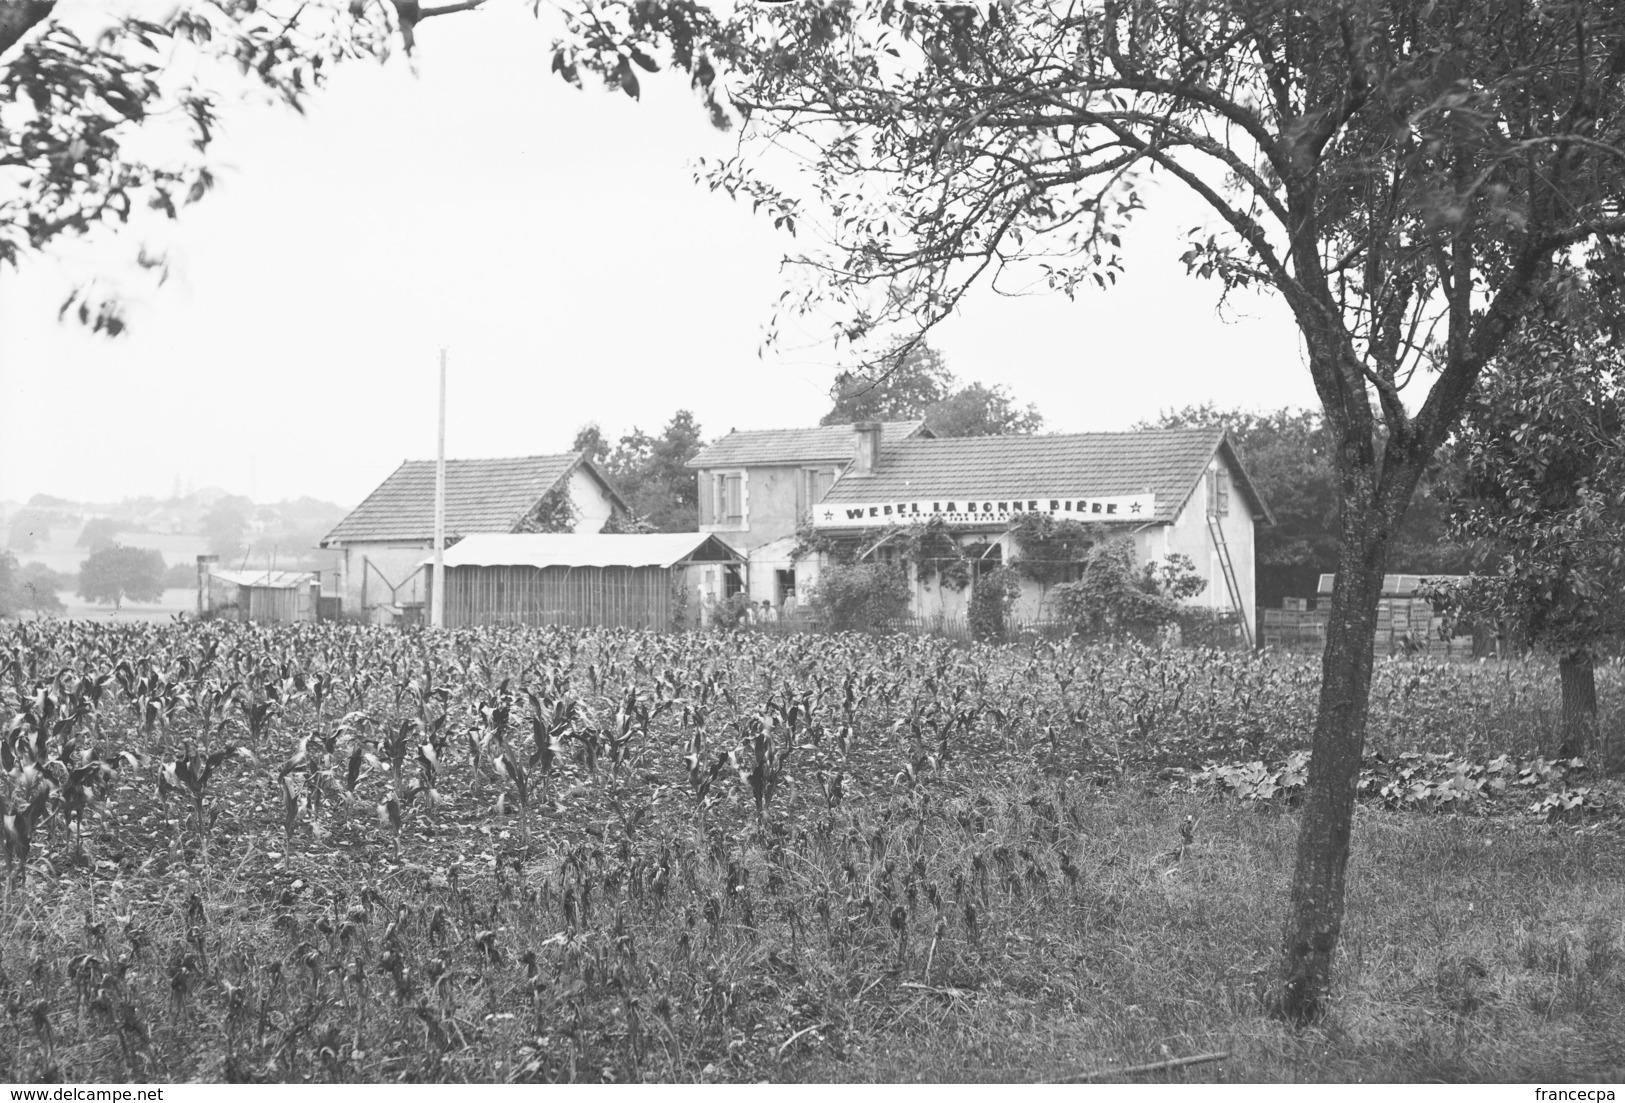 PN - 160 - CHARENTE - 16 - LA BRACONNE - Le Camp Café Restaurant Pub Bière Webel - - Plaques De Verre